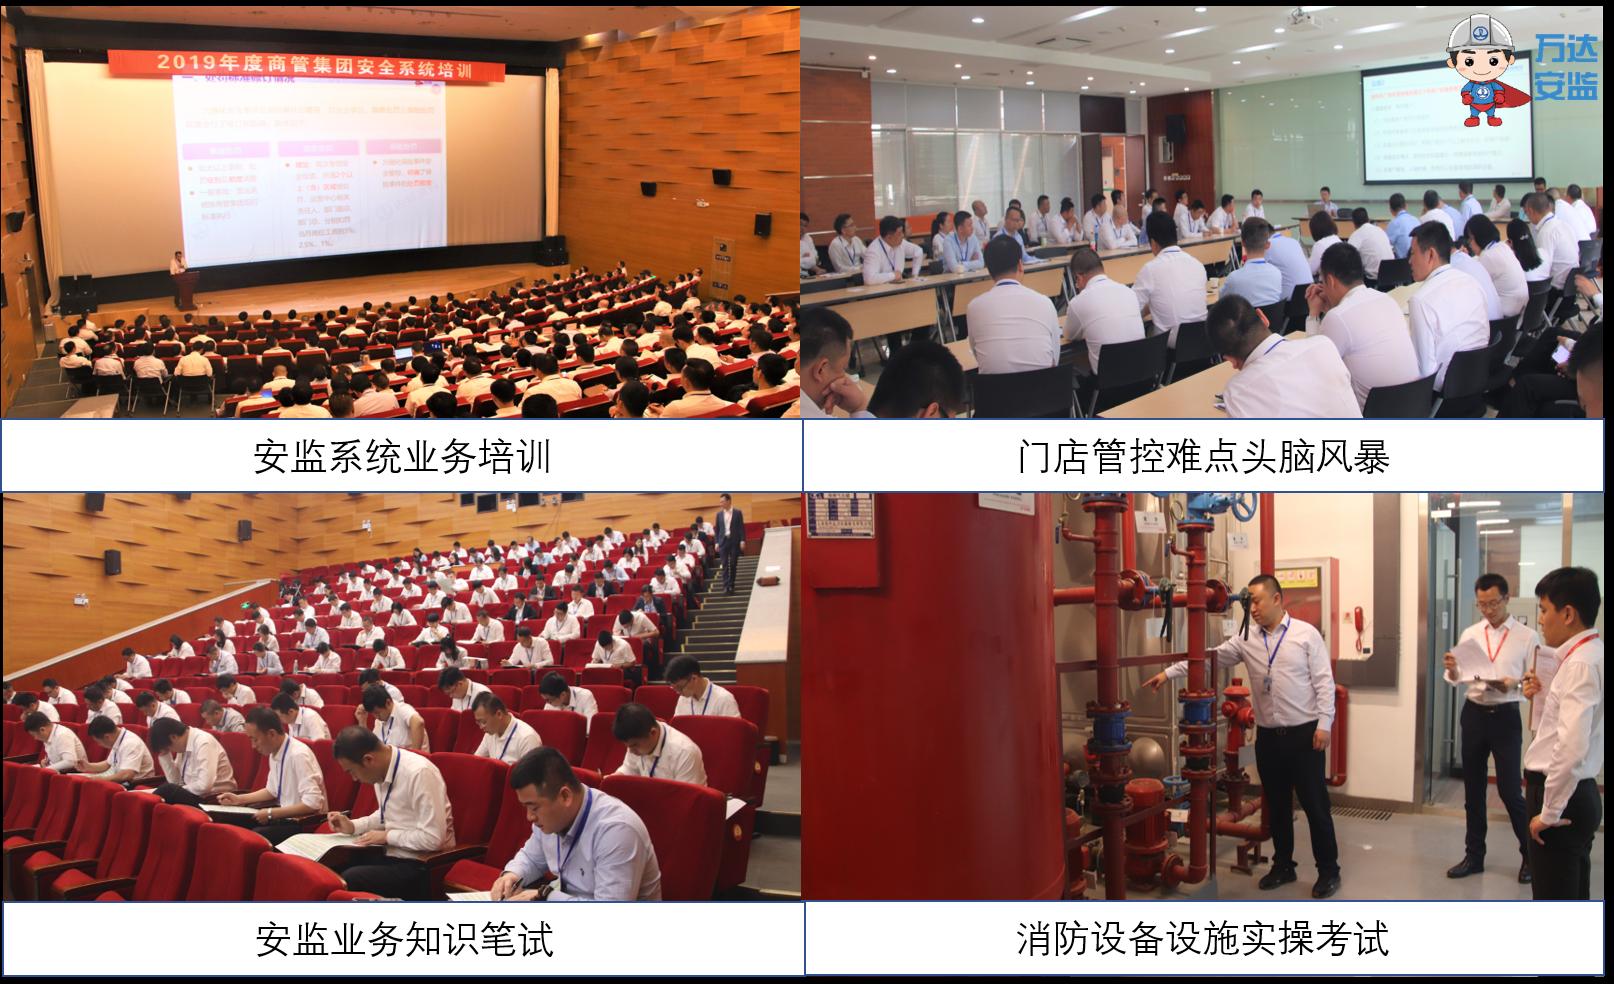 萬達商管集團組織年度安全系統培訓與考試